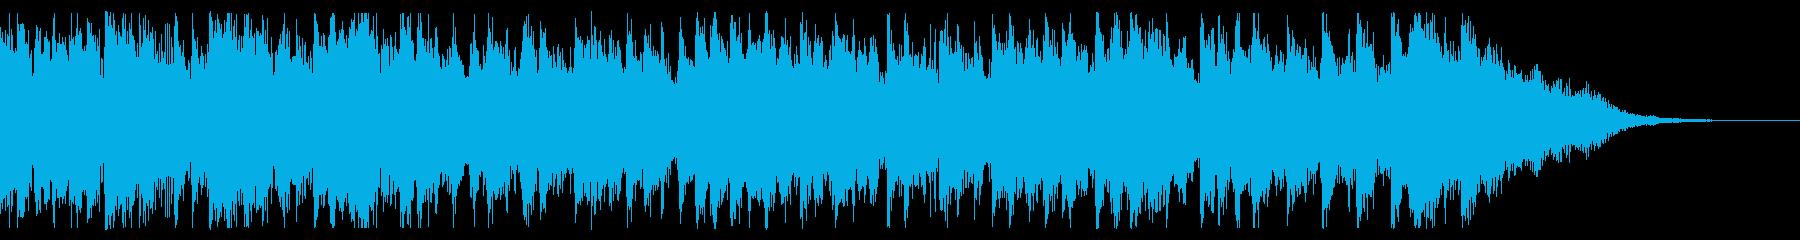 ハロウィン オープニング ジングルの再生済みの波形